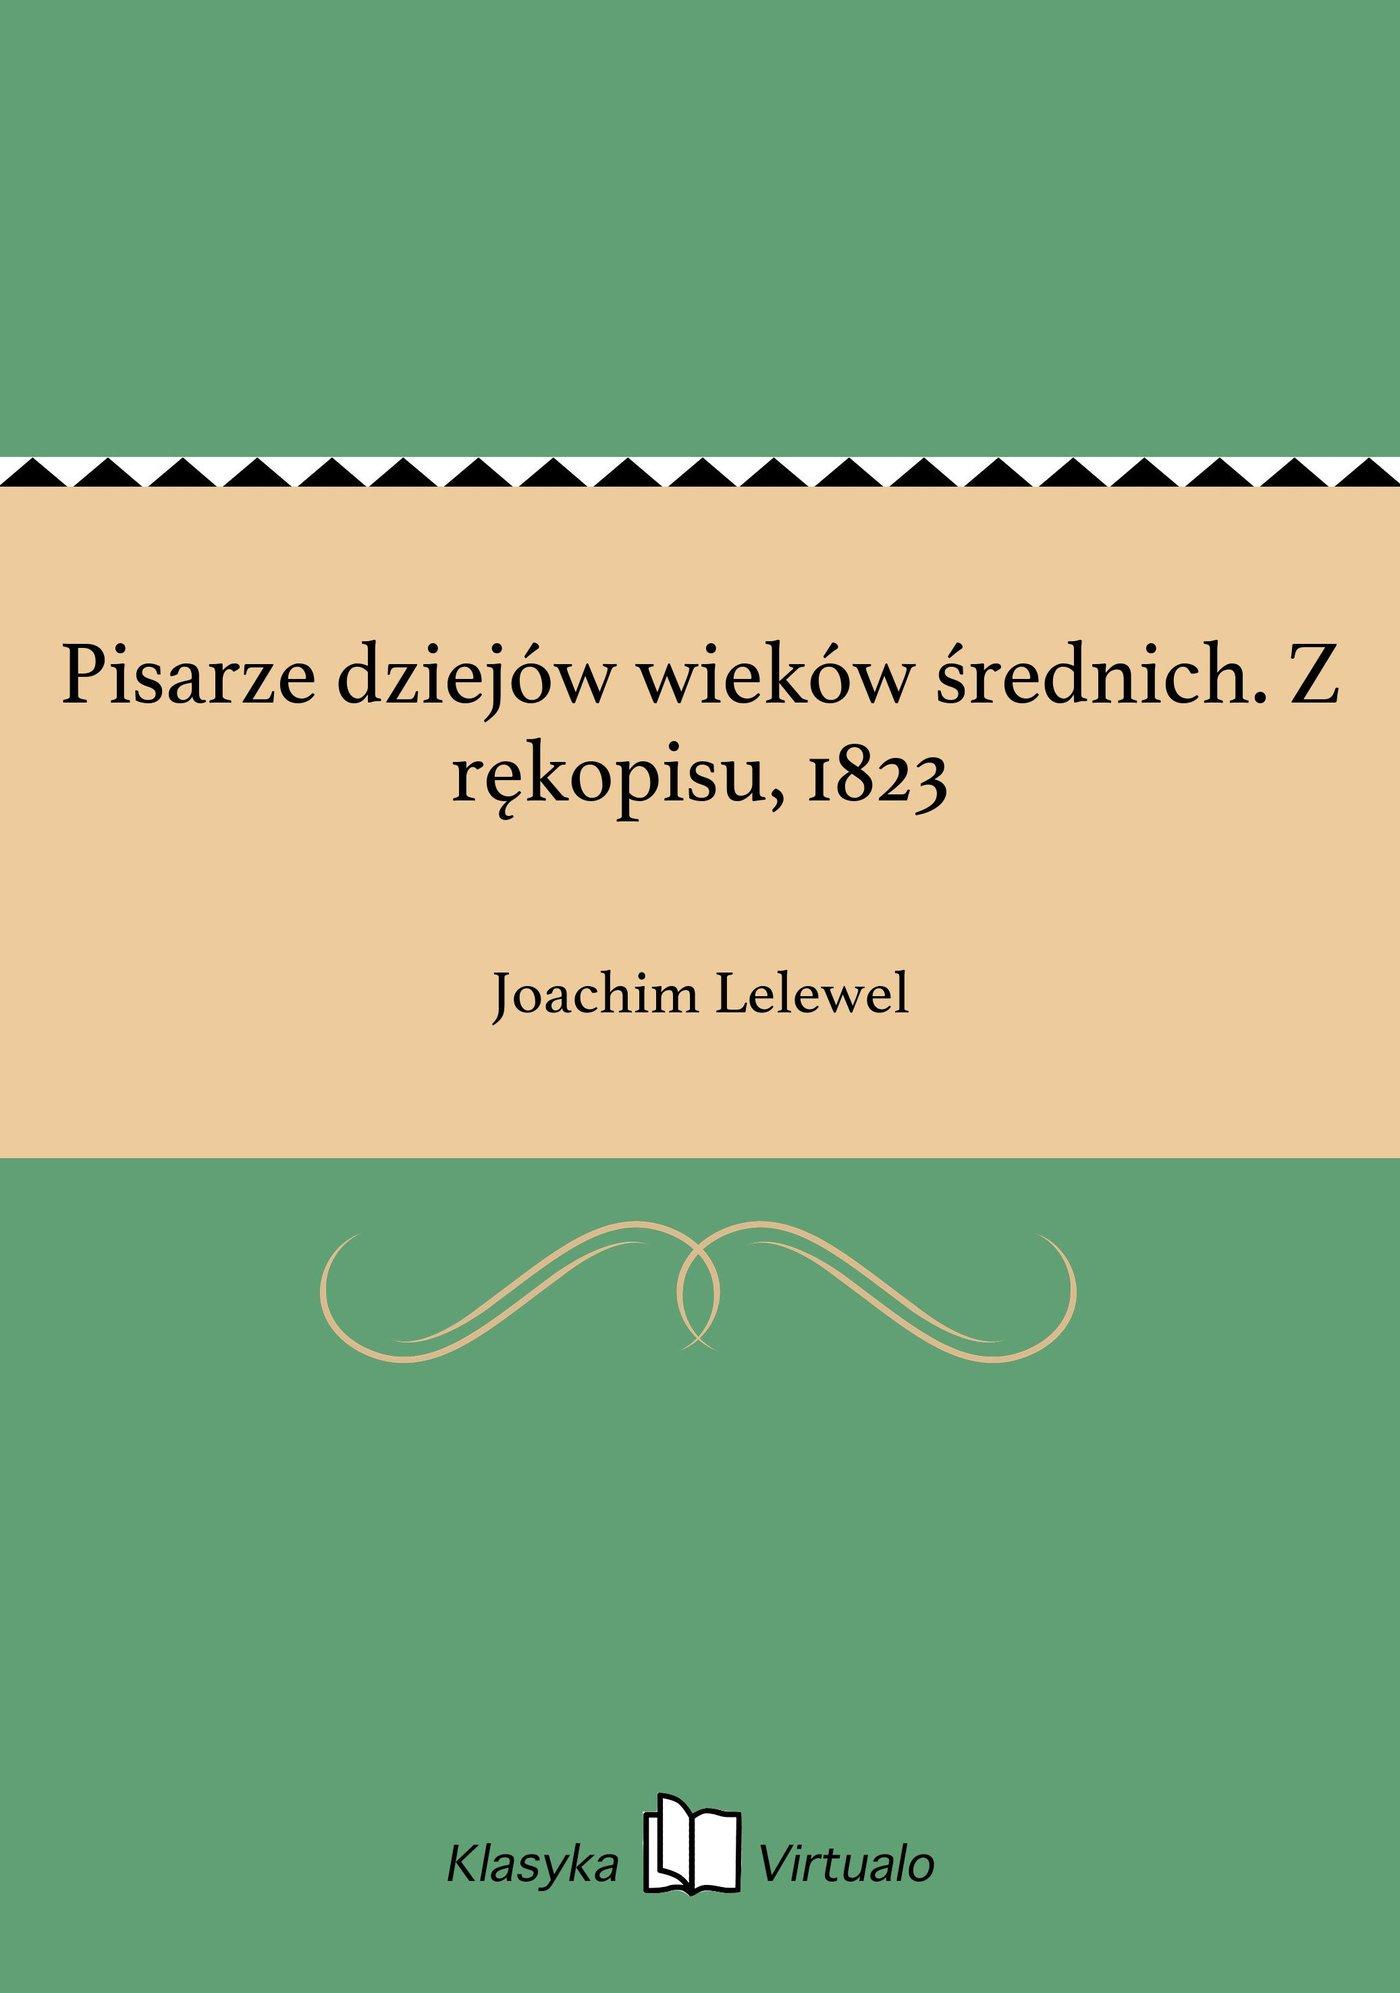 Pisarze dziejów wieków średnich. Z rękopisu, 1823 - Ebook (Książka EPUB) do pobrania w formacie EPUB